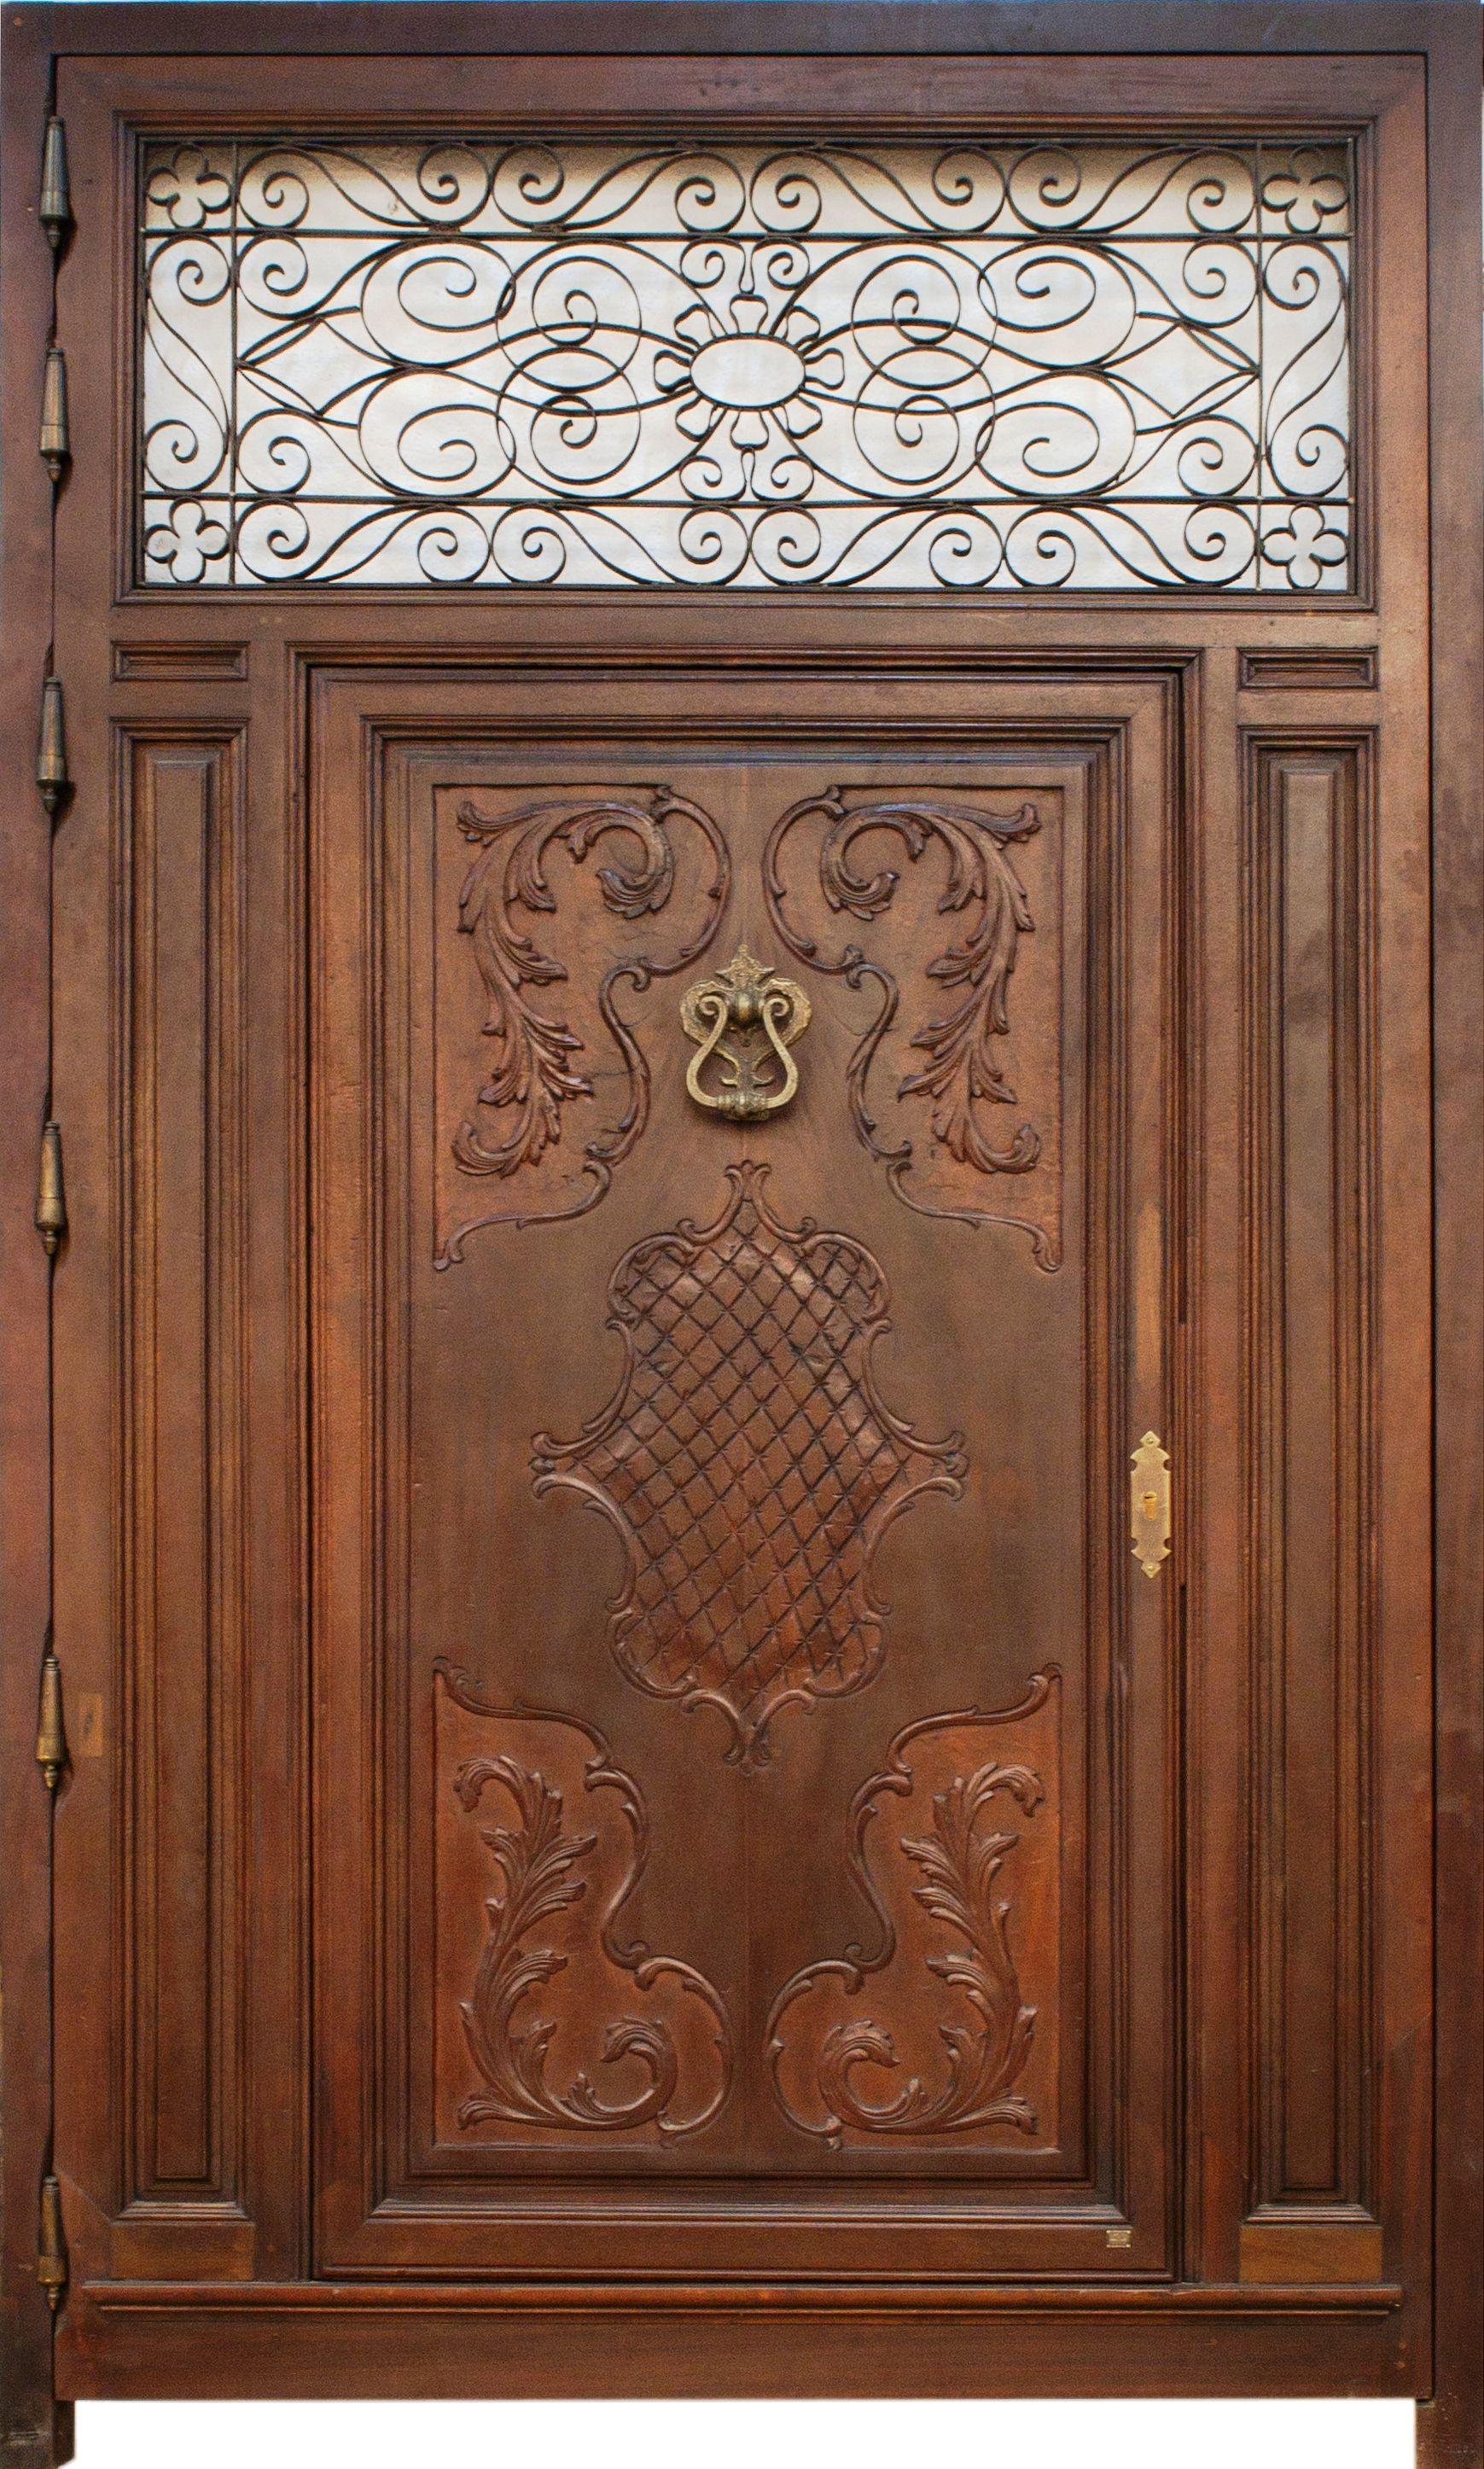 Puertas Antiguas Exterior E Interior En Madera 2020 Puertas De Madera Puertas De Madera Rusticas Interiores De Madera